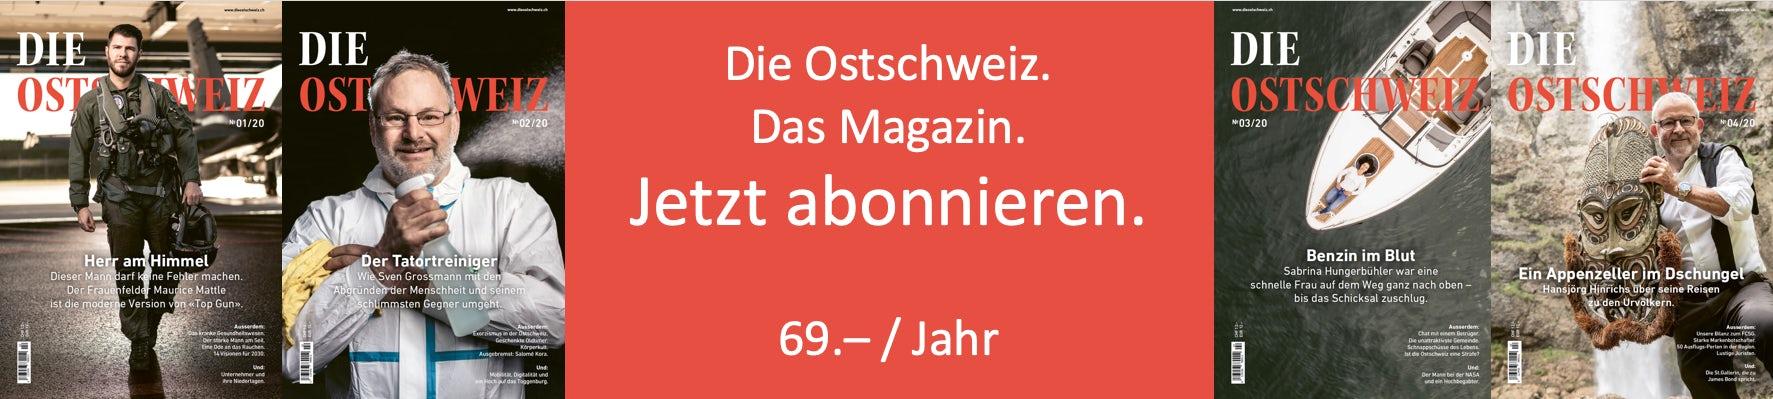 Printwerbung 04